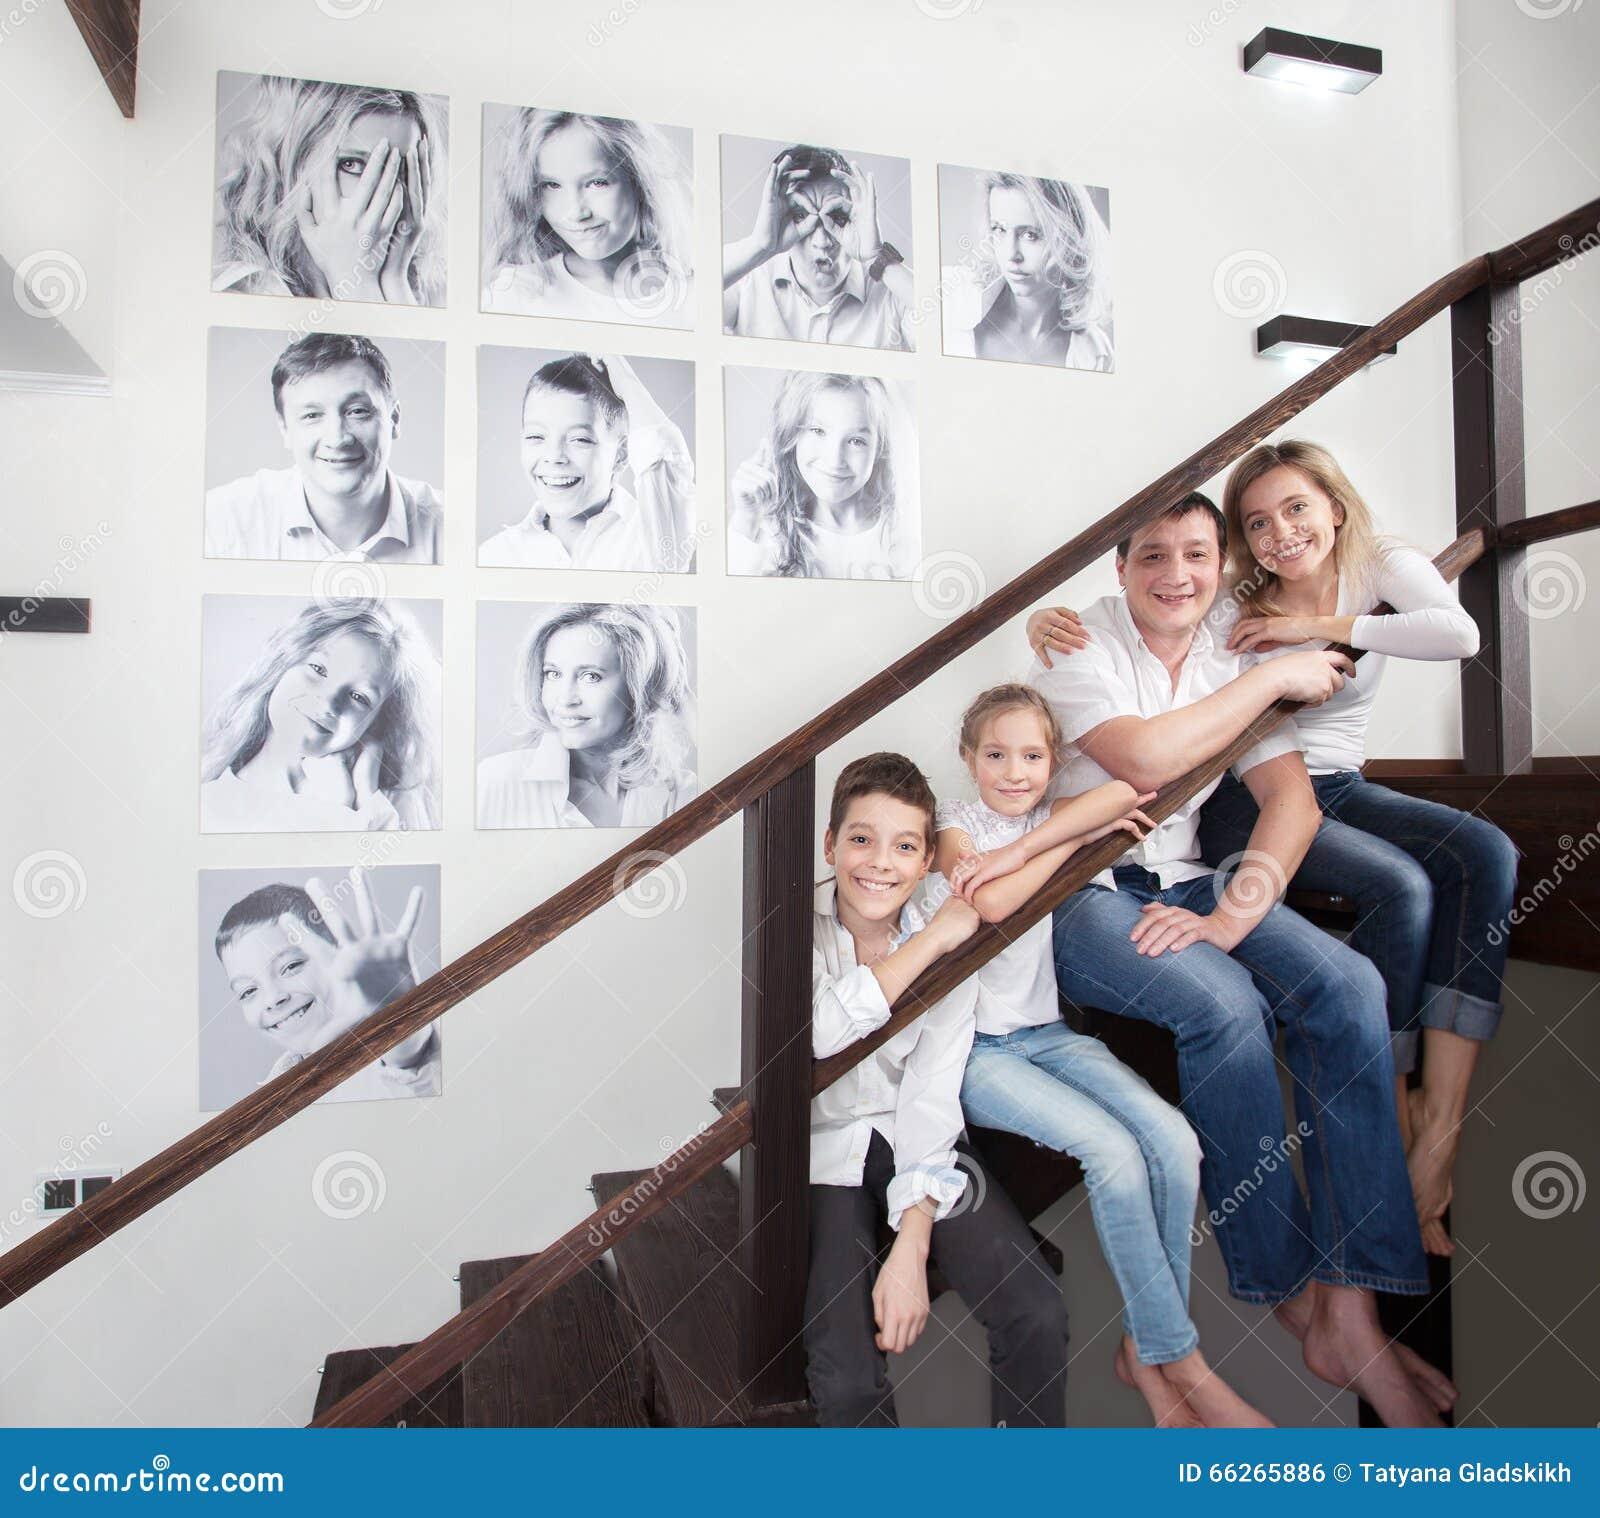 Fotos de familia en la pared